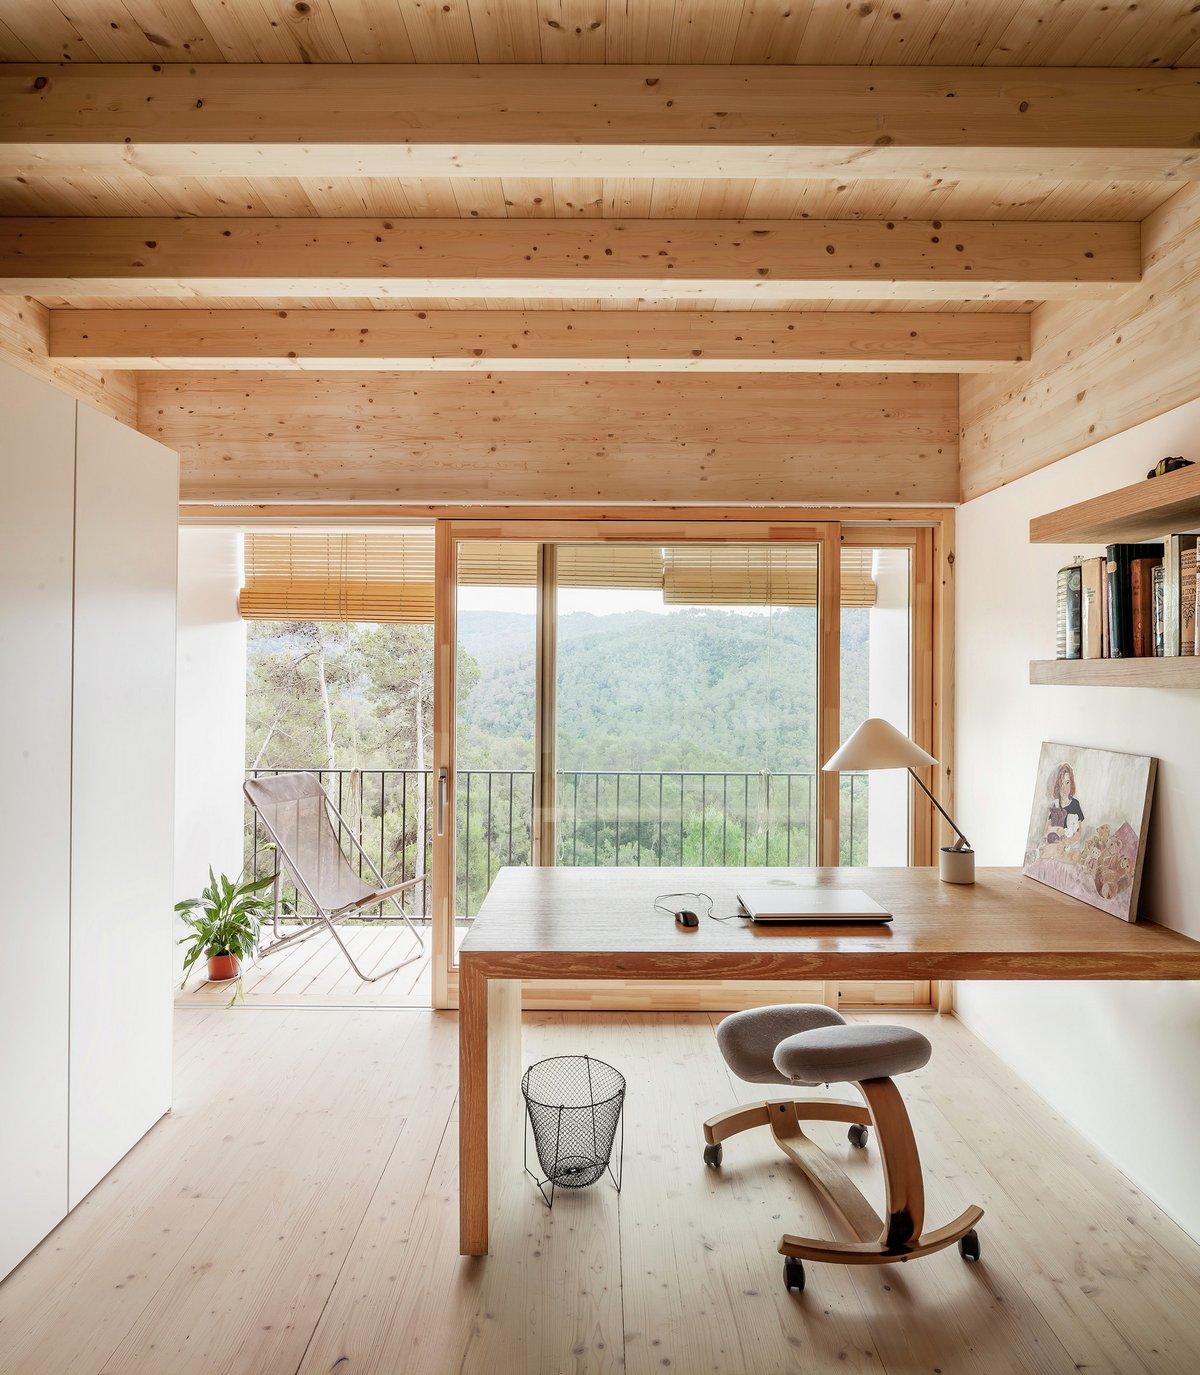 Alventosa Morell Arquitectes, лучшие экологические дома, экологические деревянные дома, House LLP, экологические дома мира, лучшие экологические дома